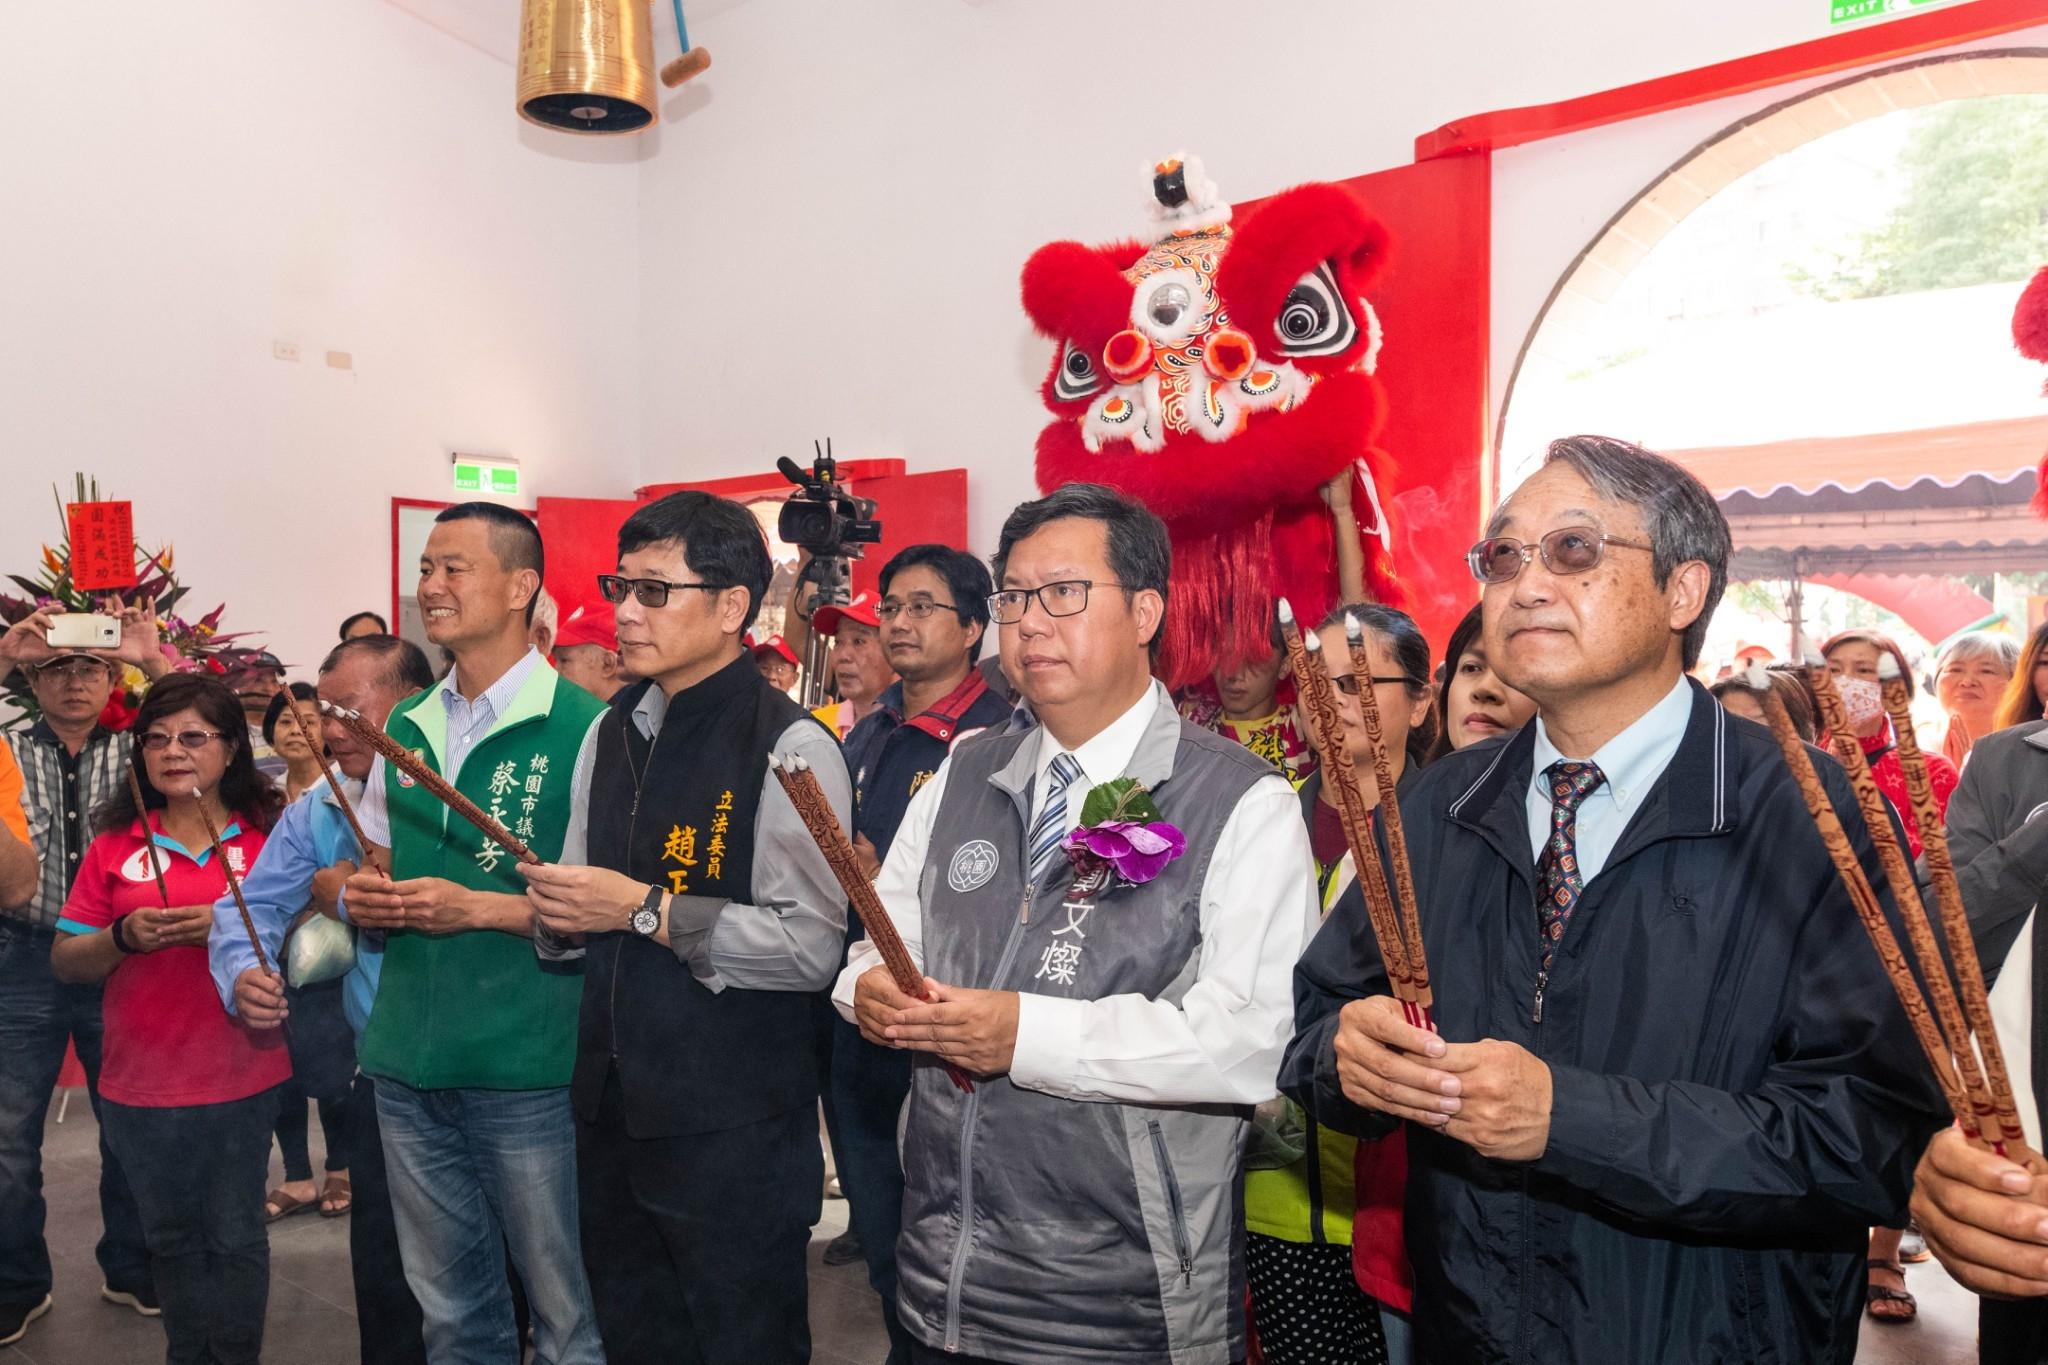 市長和與會來賓參香祈福